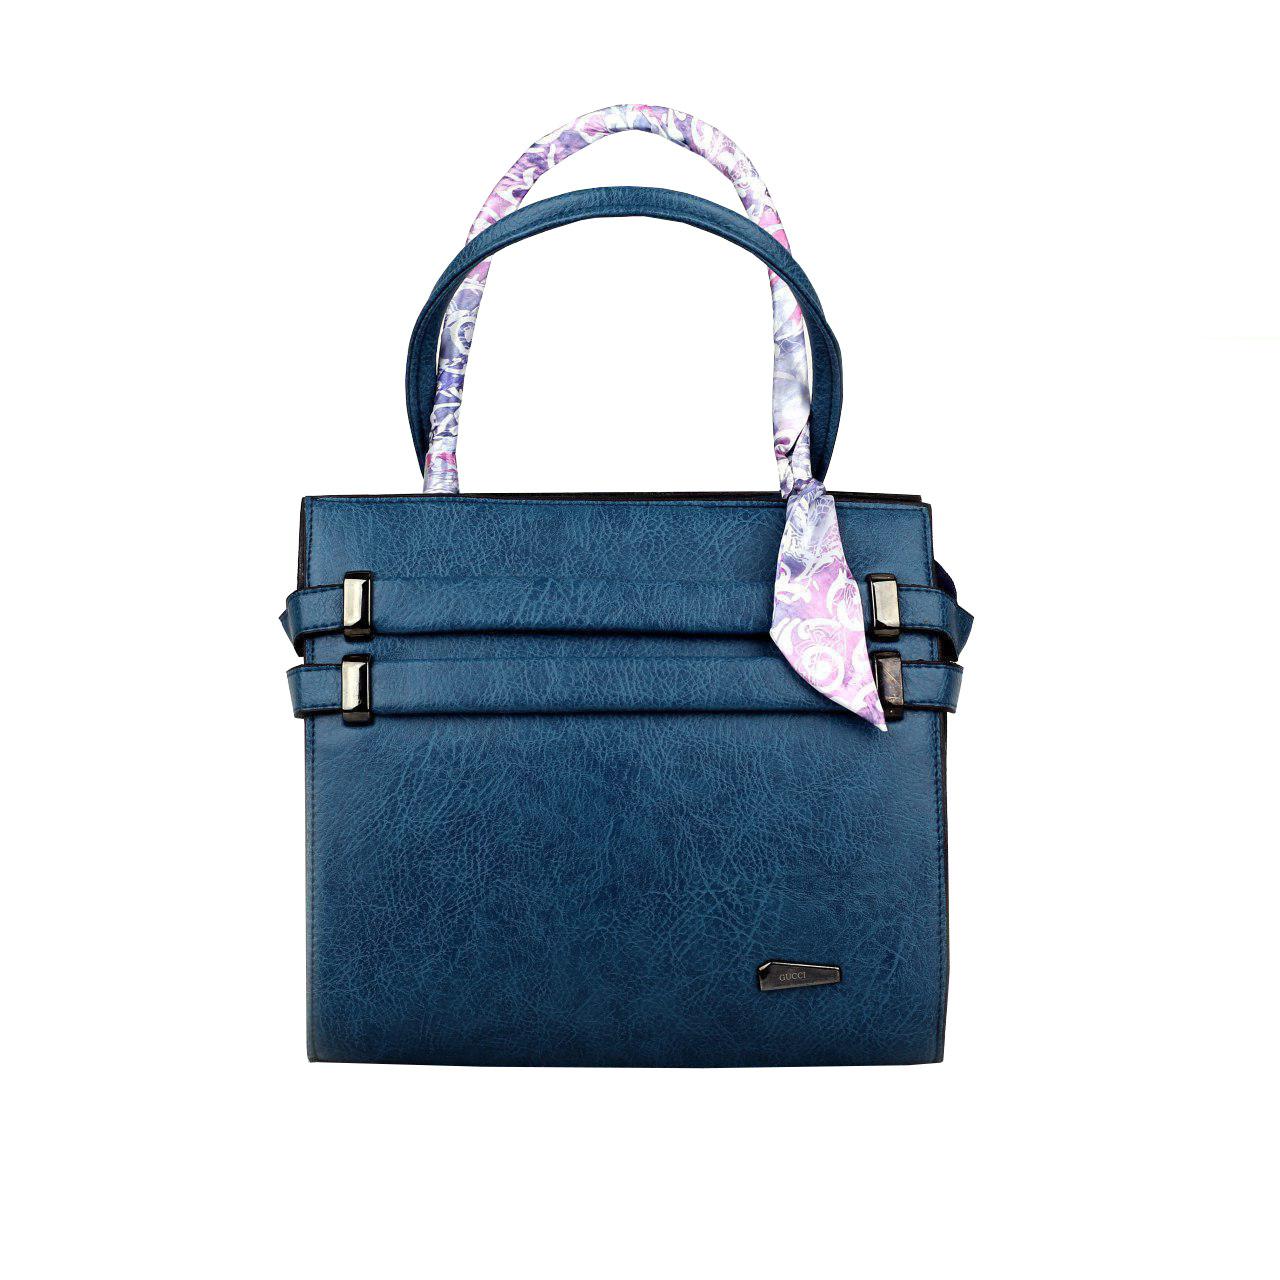 کیف دستی زنانه مدل پاییز کد 521417